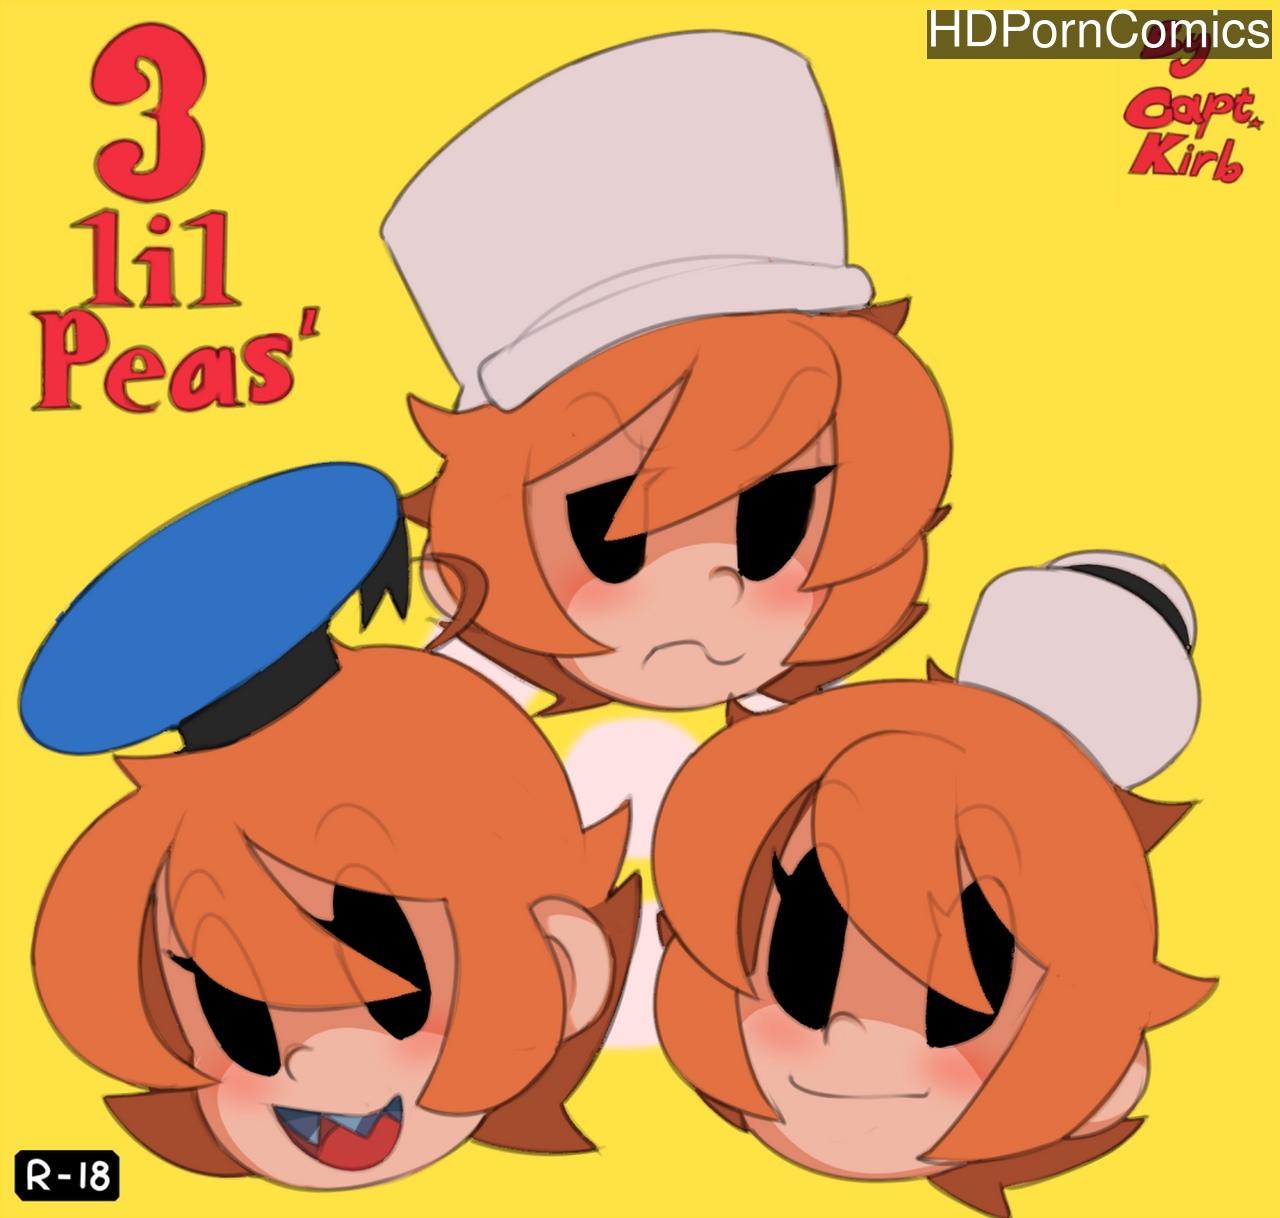 3-Lil-Peas 1 free porn comics